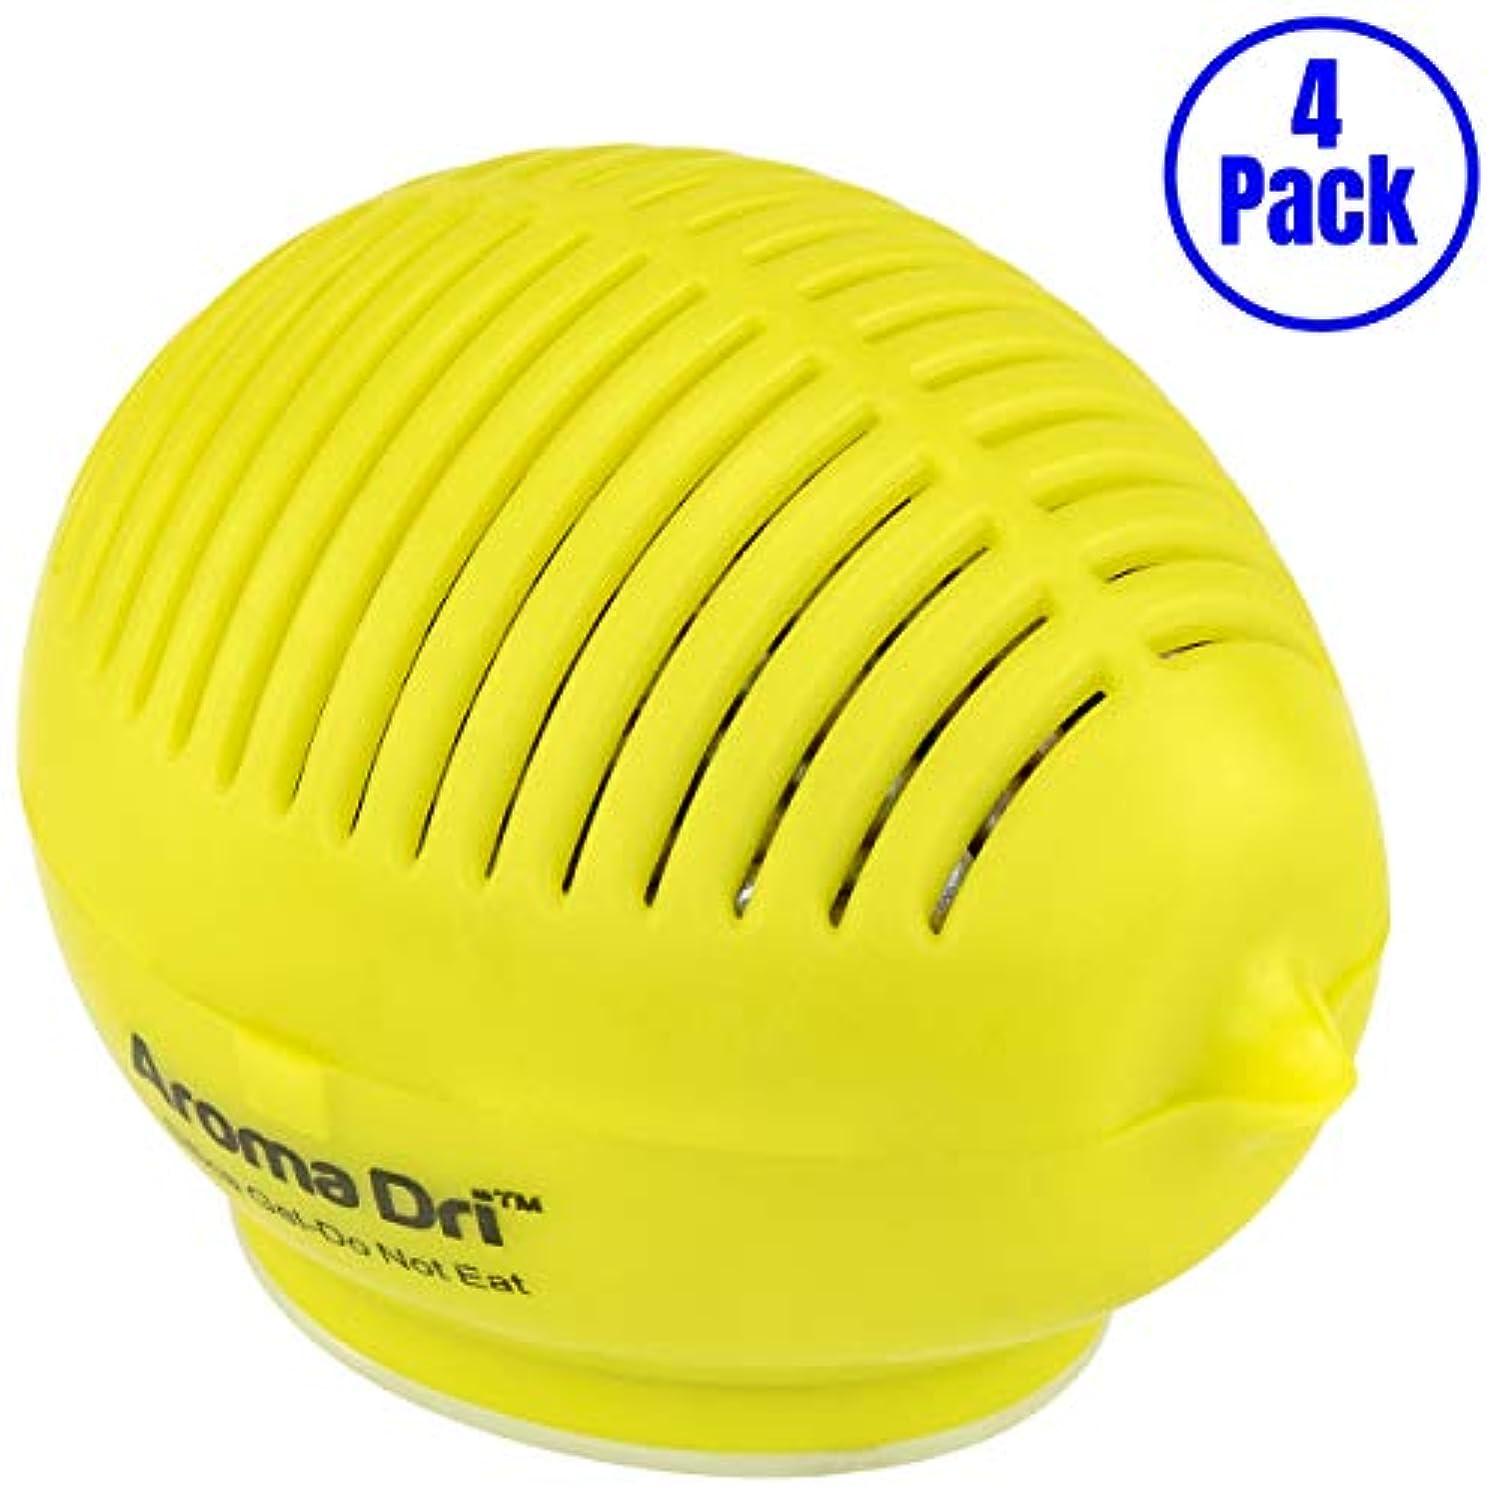 頭蓋骨酔っ払い反乱Aroma Dri 50gm ラベンダーの香り シリカゲルレモン容器 4-Pack LEMON50LAVENDER-4PK